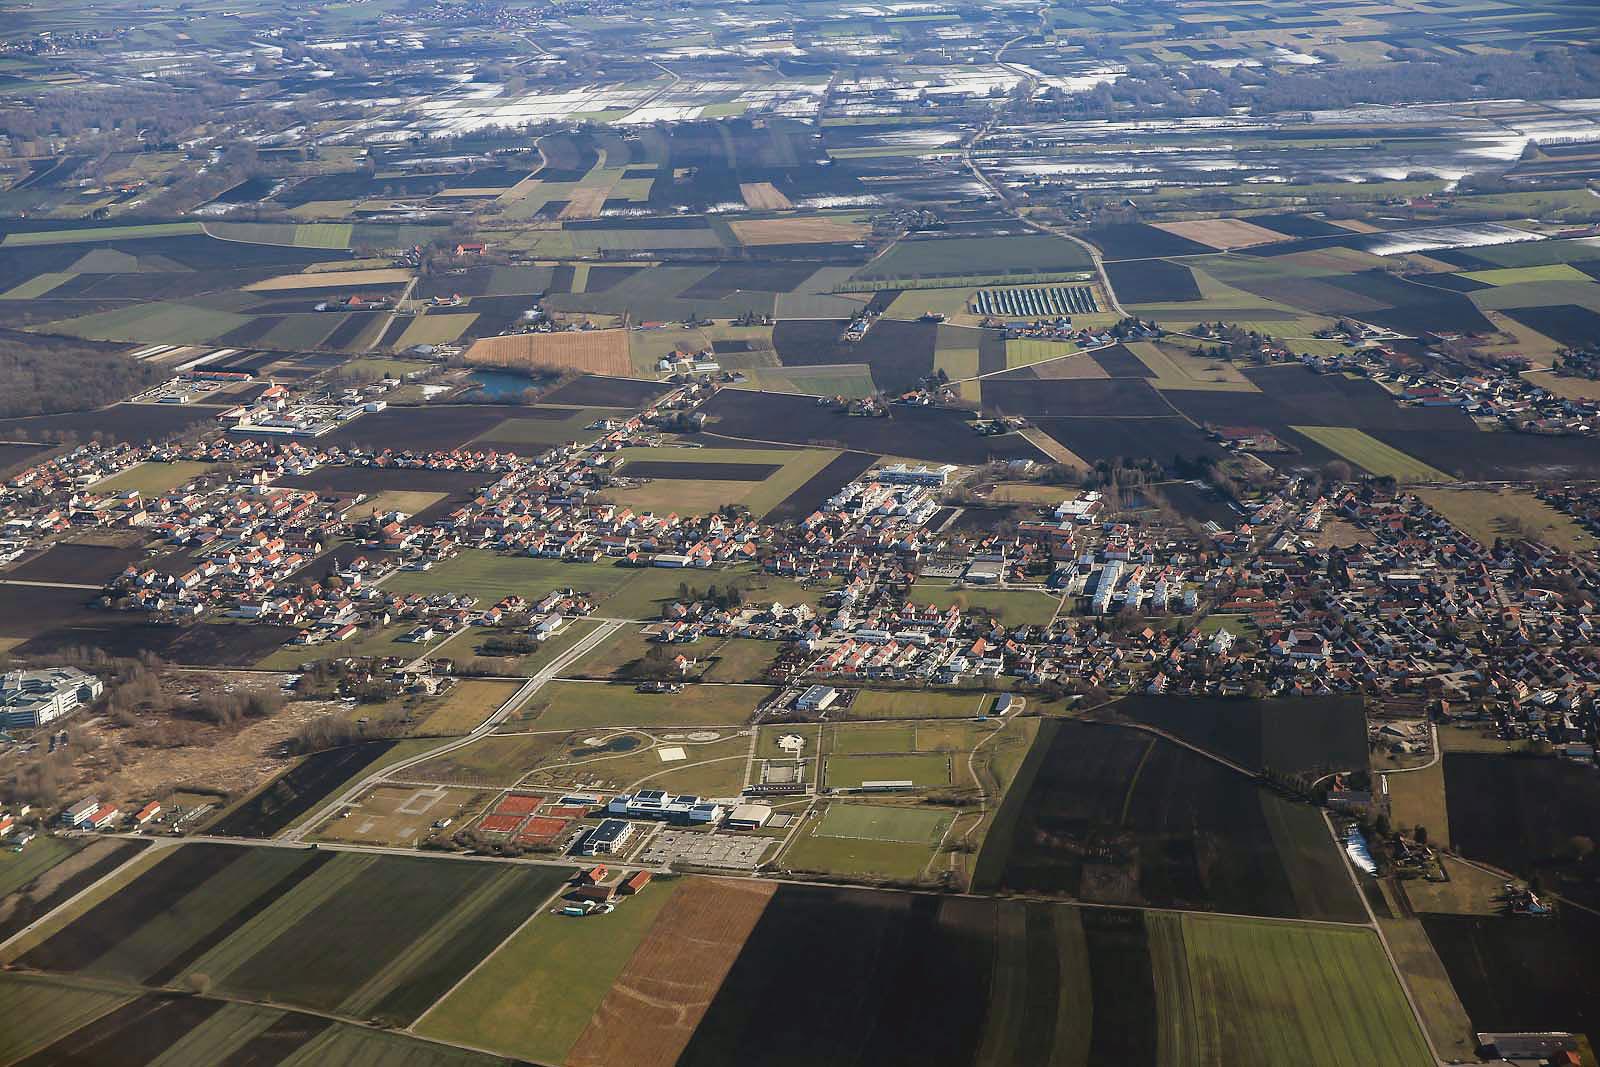 В полете над Баварией после взлета из аэропорта Мюнхен